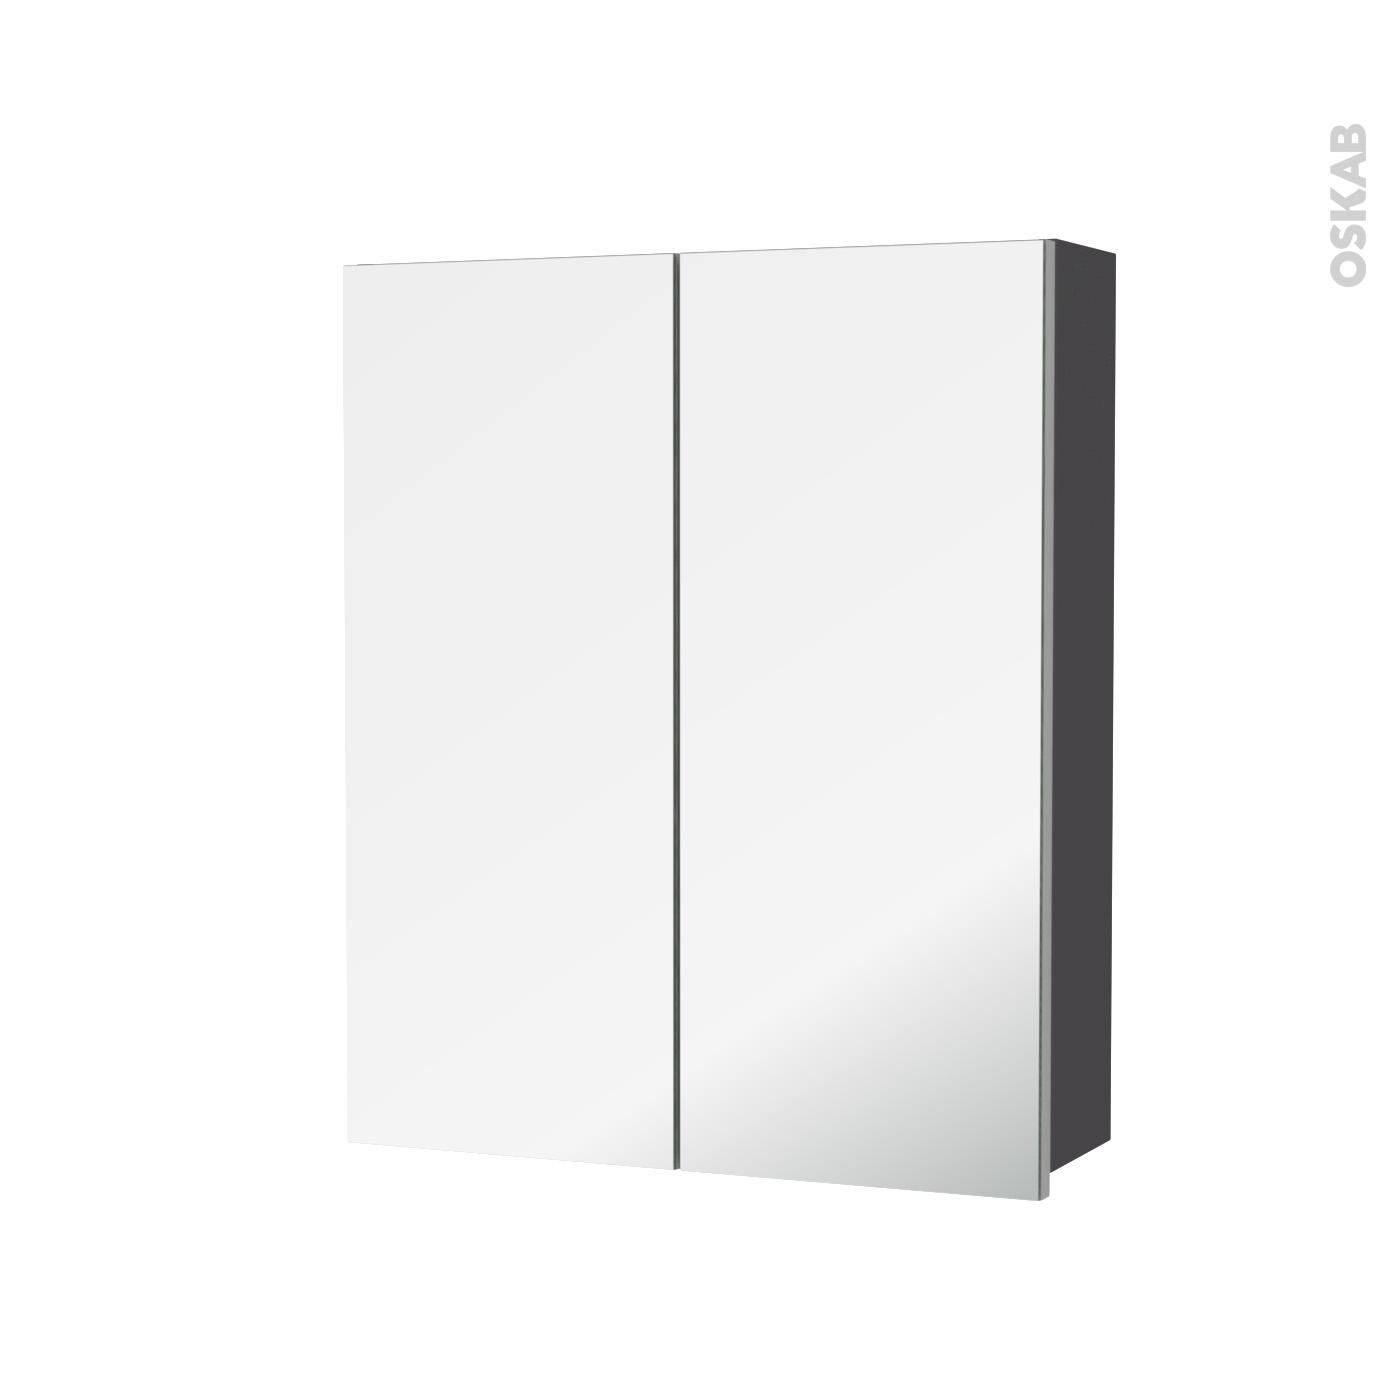 Hauteur Armoire De Toilette armoire de toilette rangement haut ginko gris, 2 portes miroir, côtés  décors, l60 x h70 x p17 cm